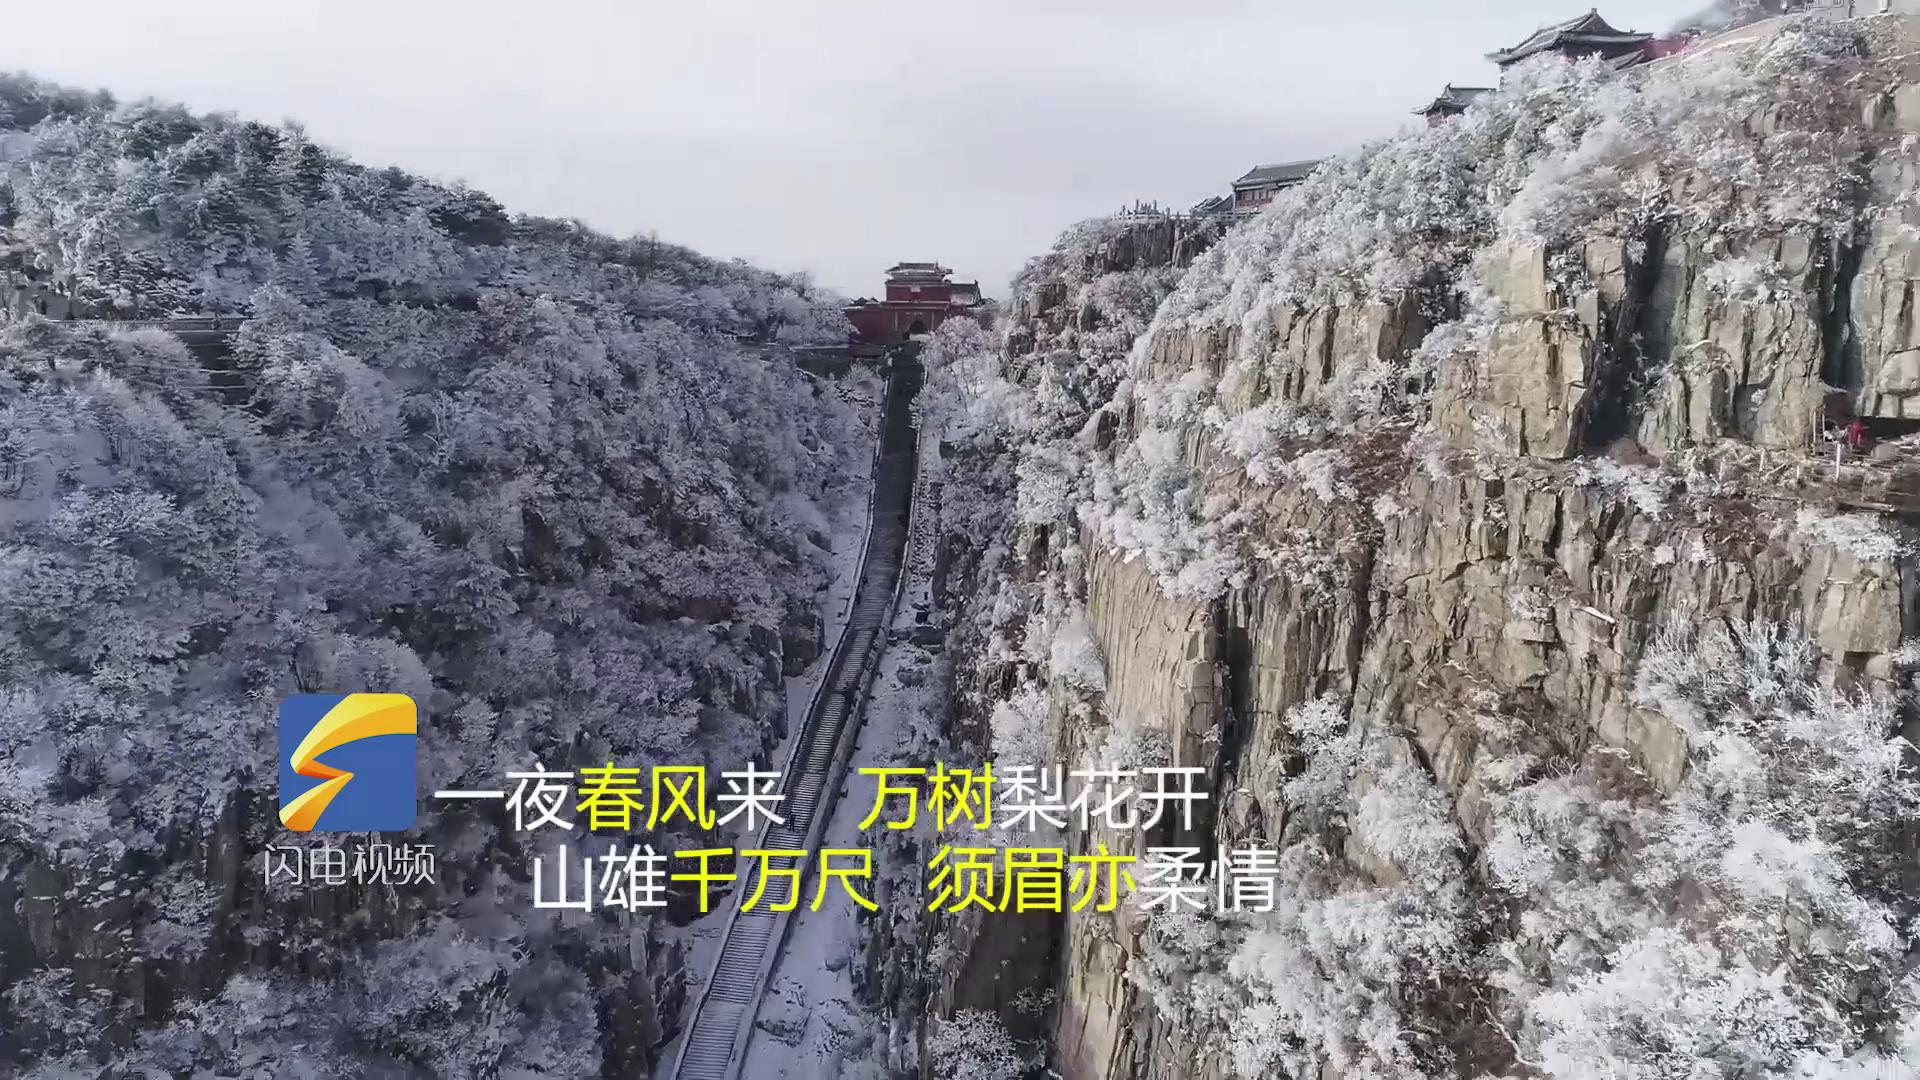 泰山雪景大格式_20190216134353.JPG